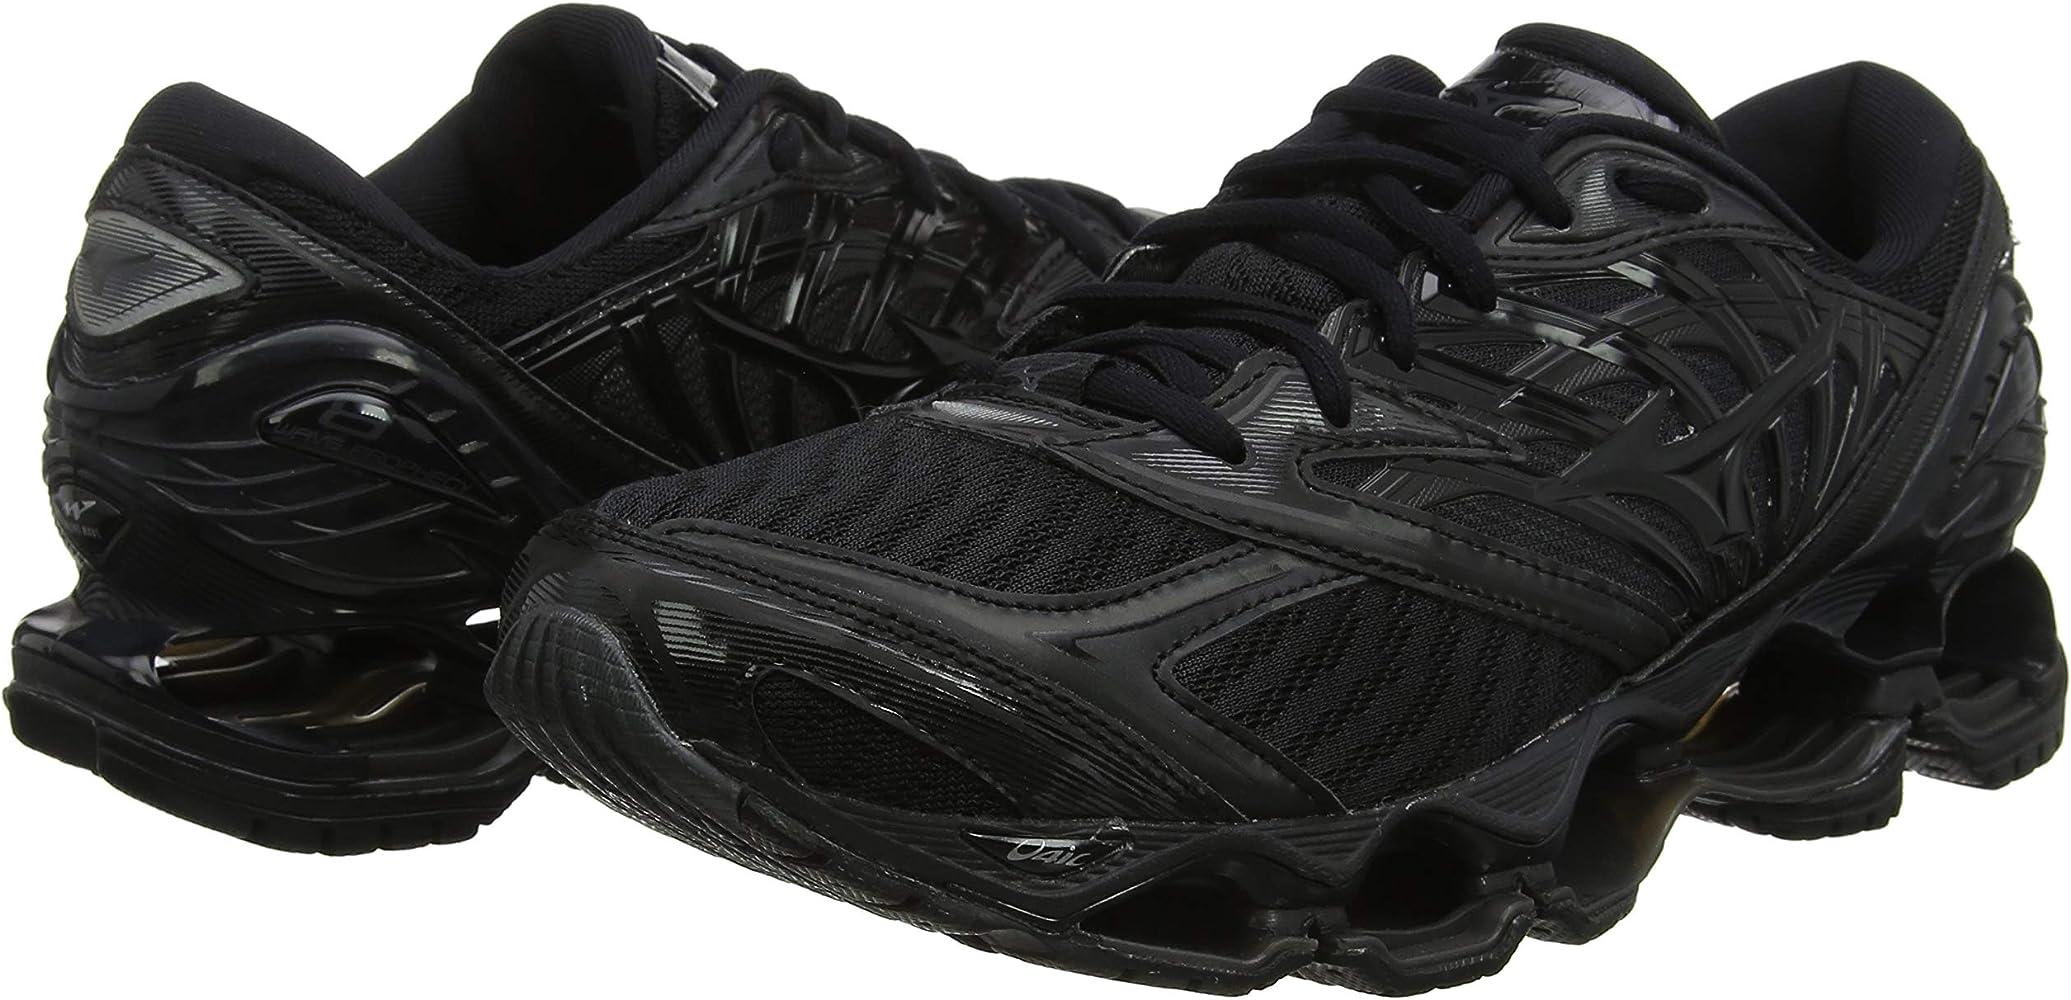 Mizuno Wave Prophecy 8, Zapatillas de Running por Hombre, Negro (Black/Black/DarkShadow 10), 40.5 EU: Amazon.es: Zapatos y complementos